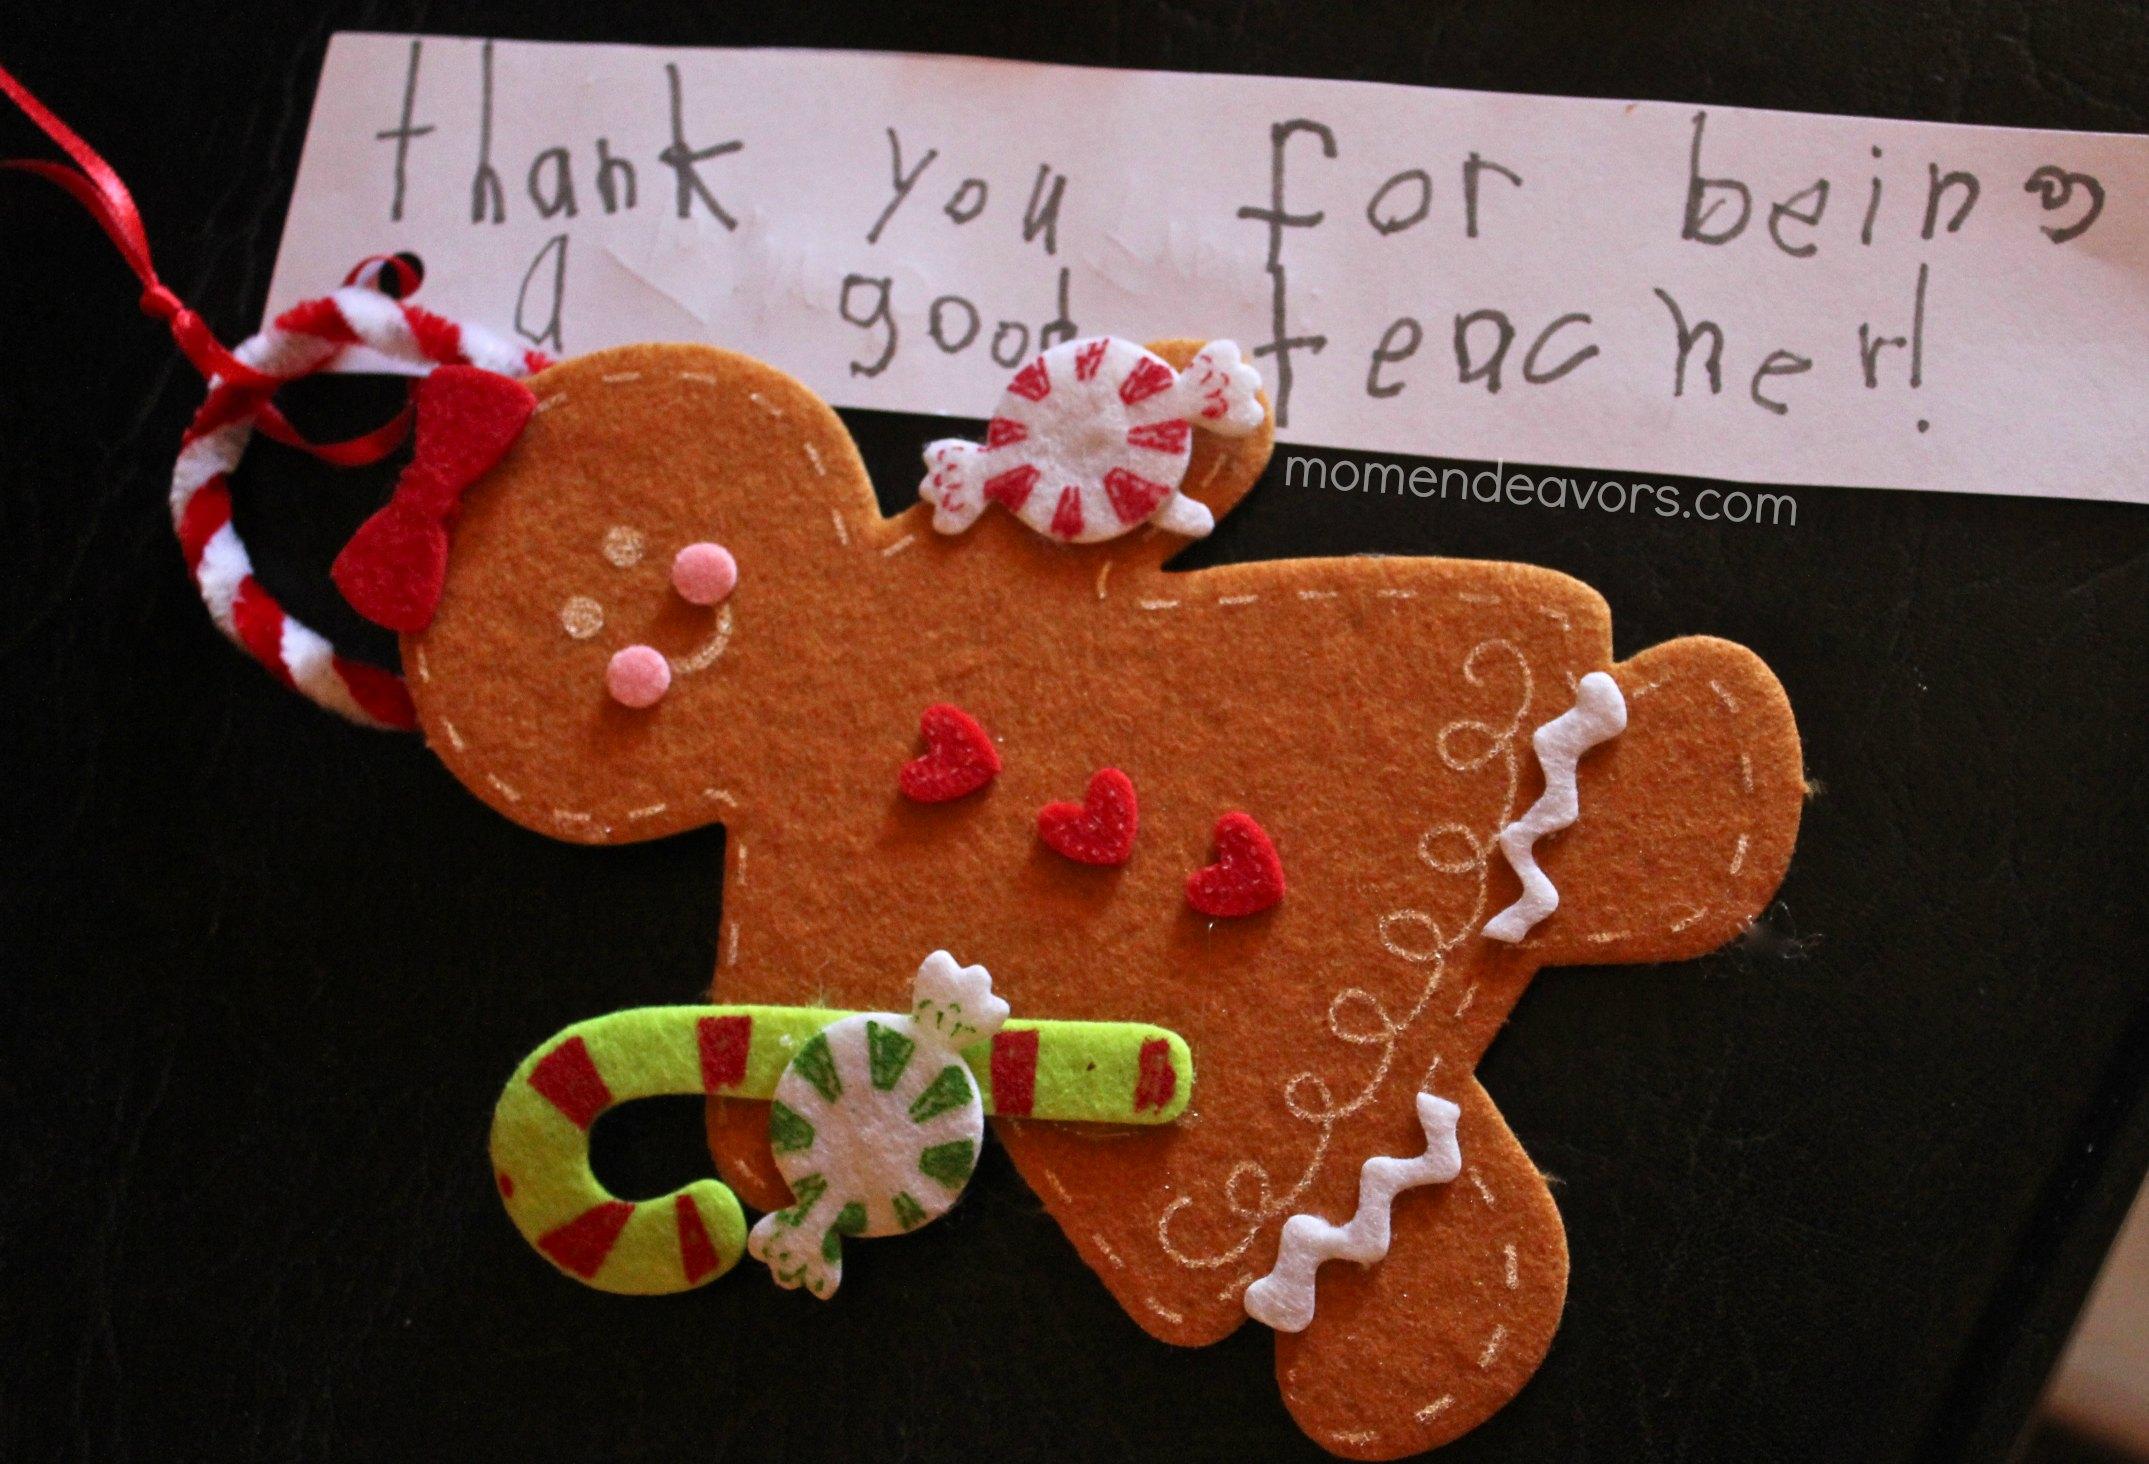 Gingerbread man ornaments - I